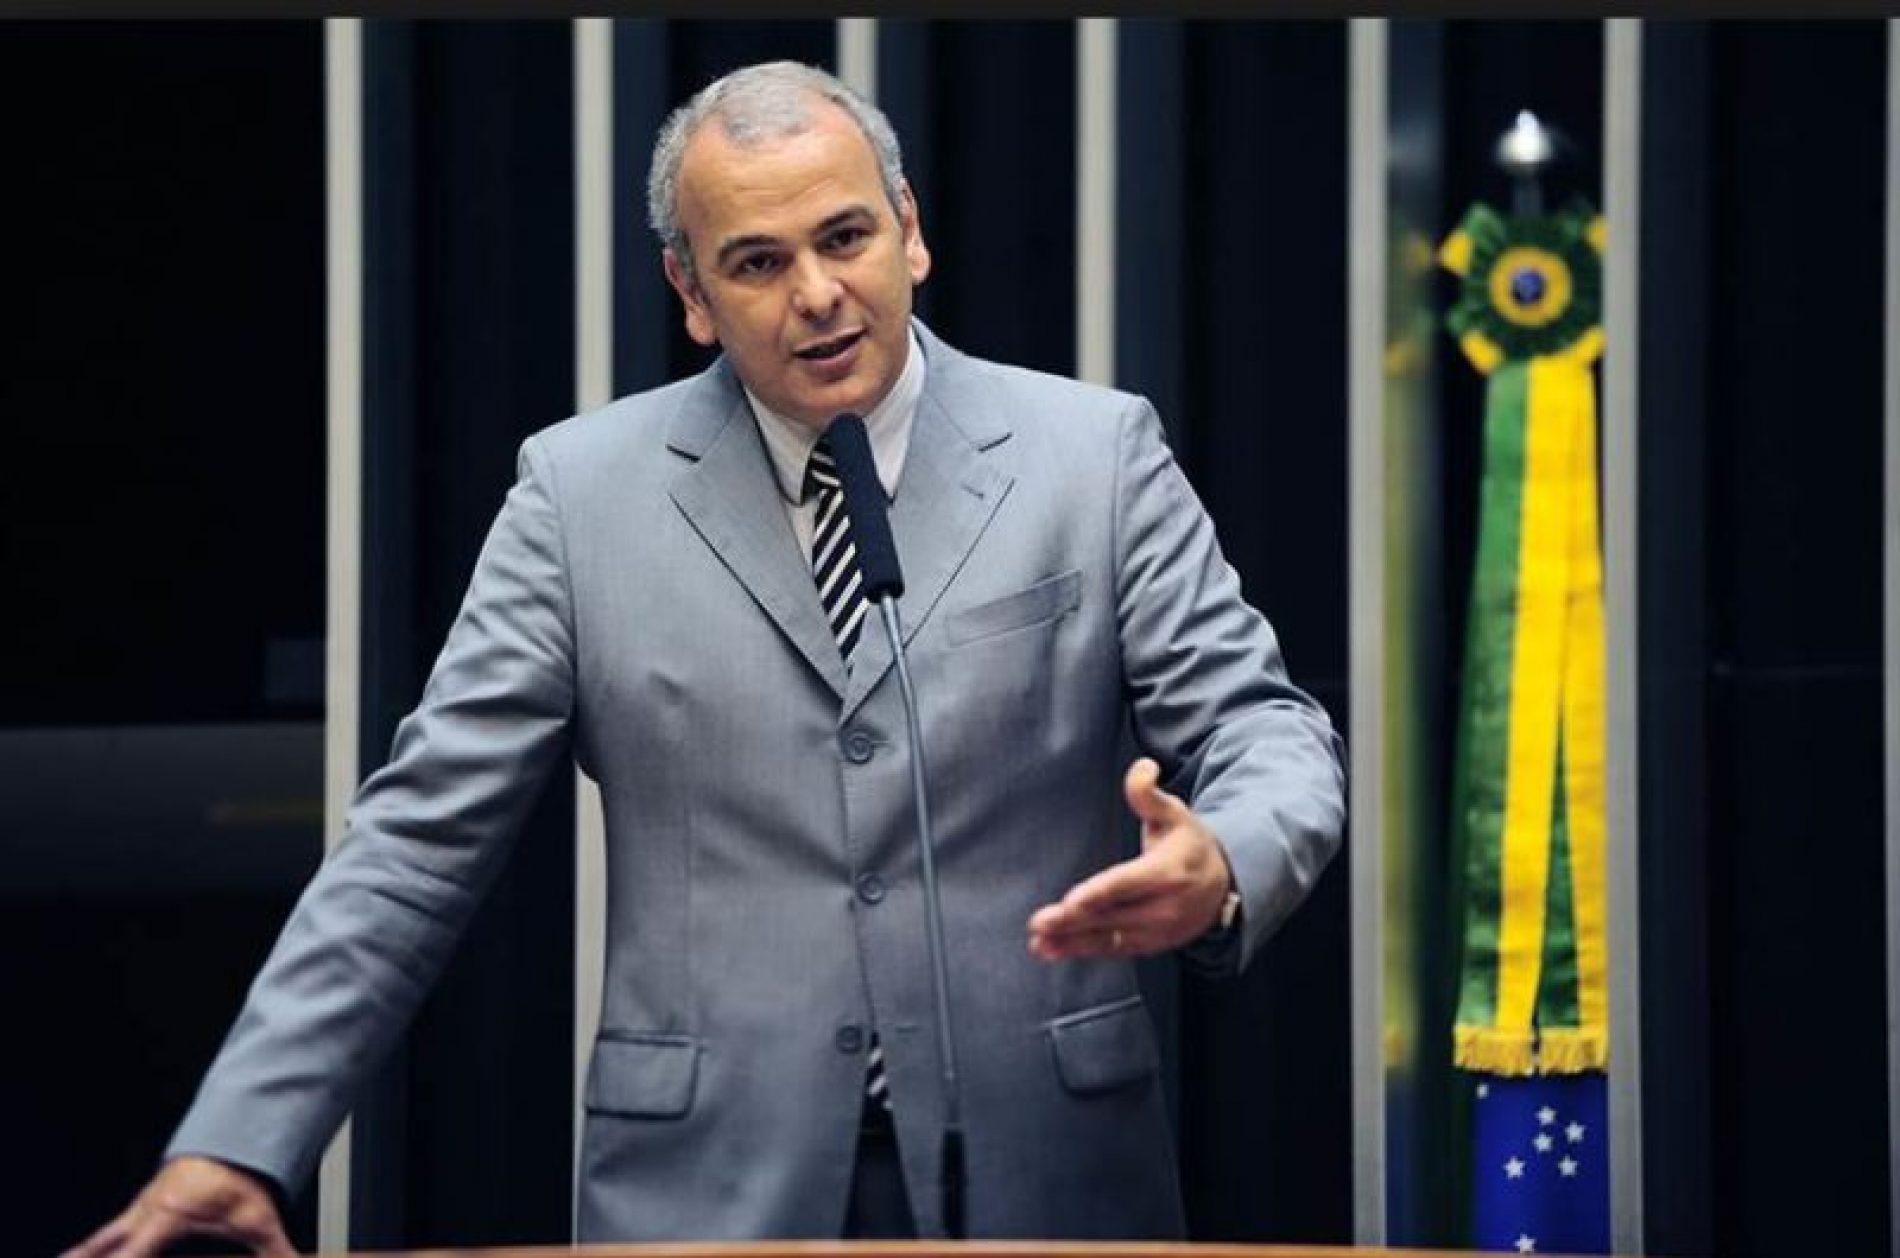 Deputado quer CPI para investigar extinção da reserva na Amazônia